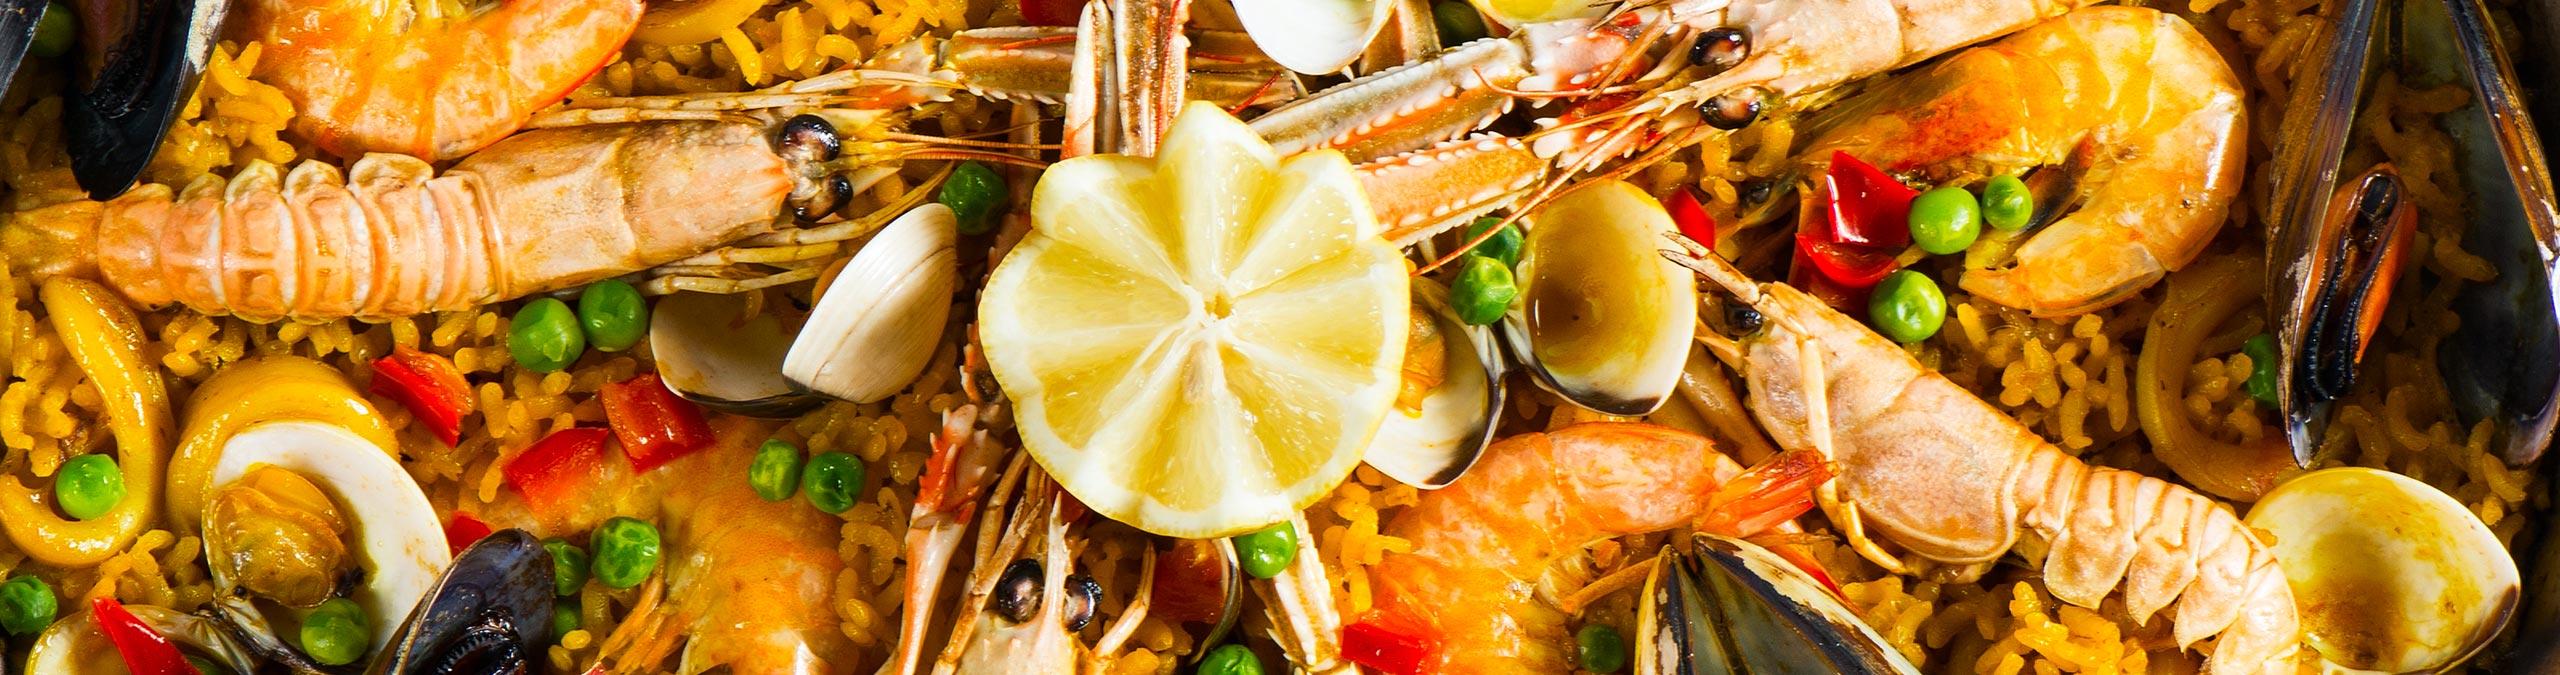 Preparati GiorgioMare - La punta di diamante della nostra offerta: antipasti, primi piatti, secondi piatti e condimenti, creati e selezionati personalmente da Giorgio. Ricette uniche per tutti i gusti: pronti in padella in pochi minuti!